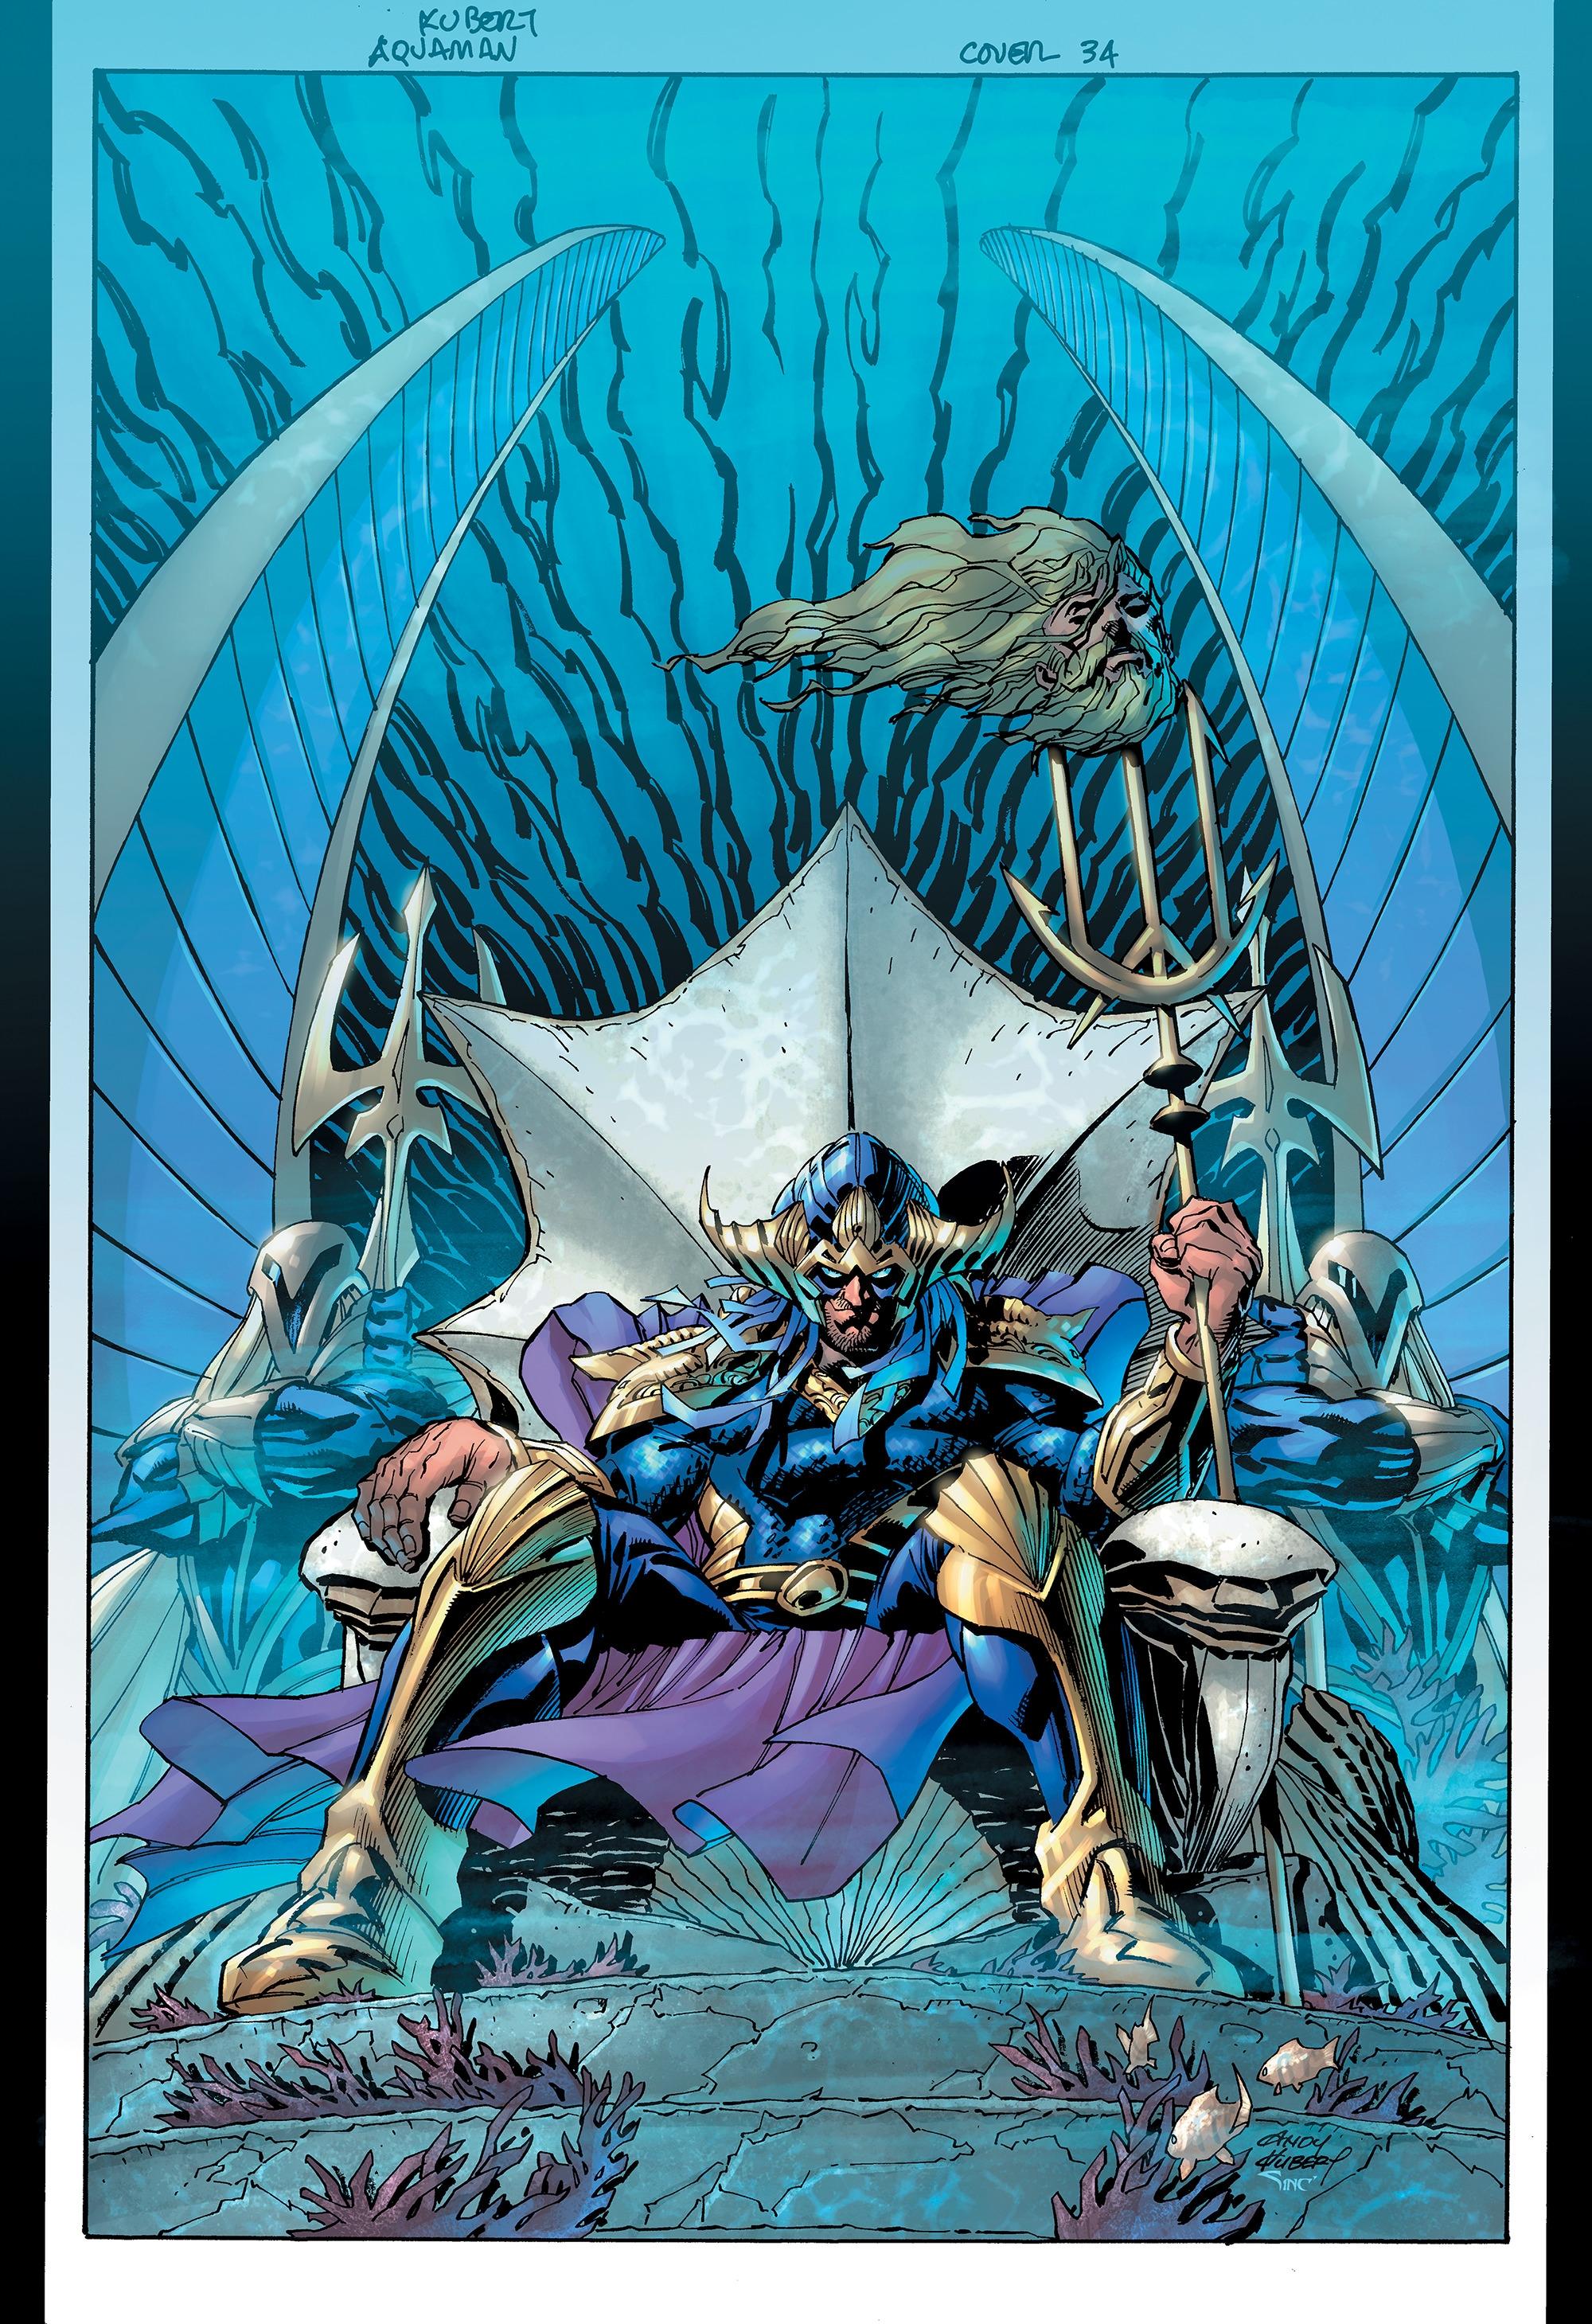 Aquaman Vol. 6 Kingslayer